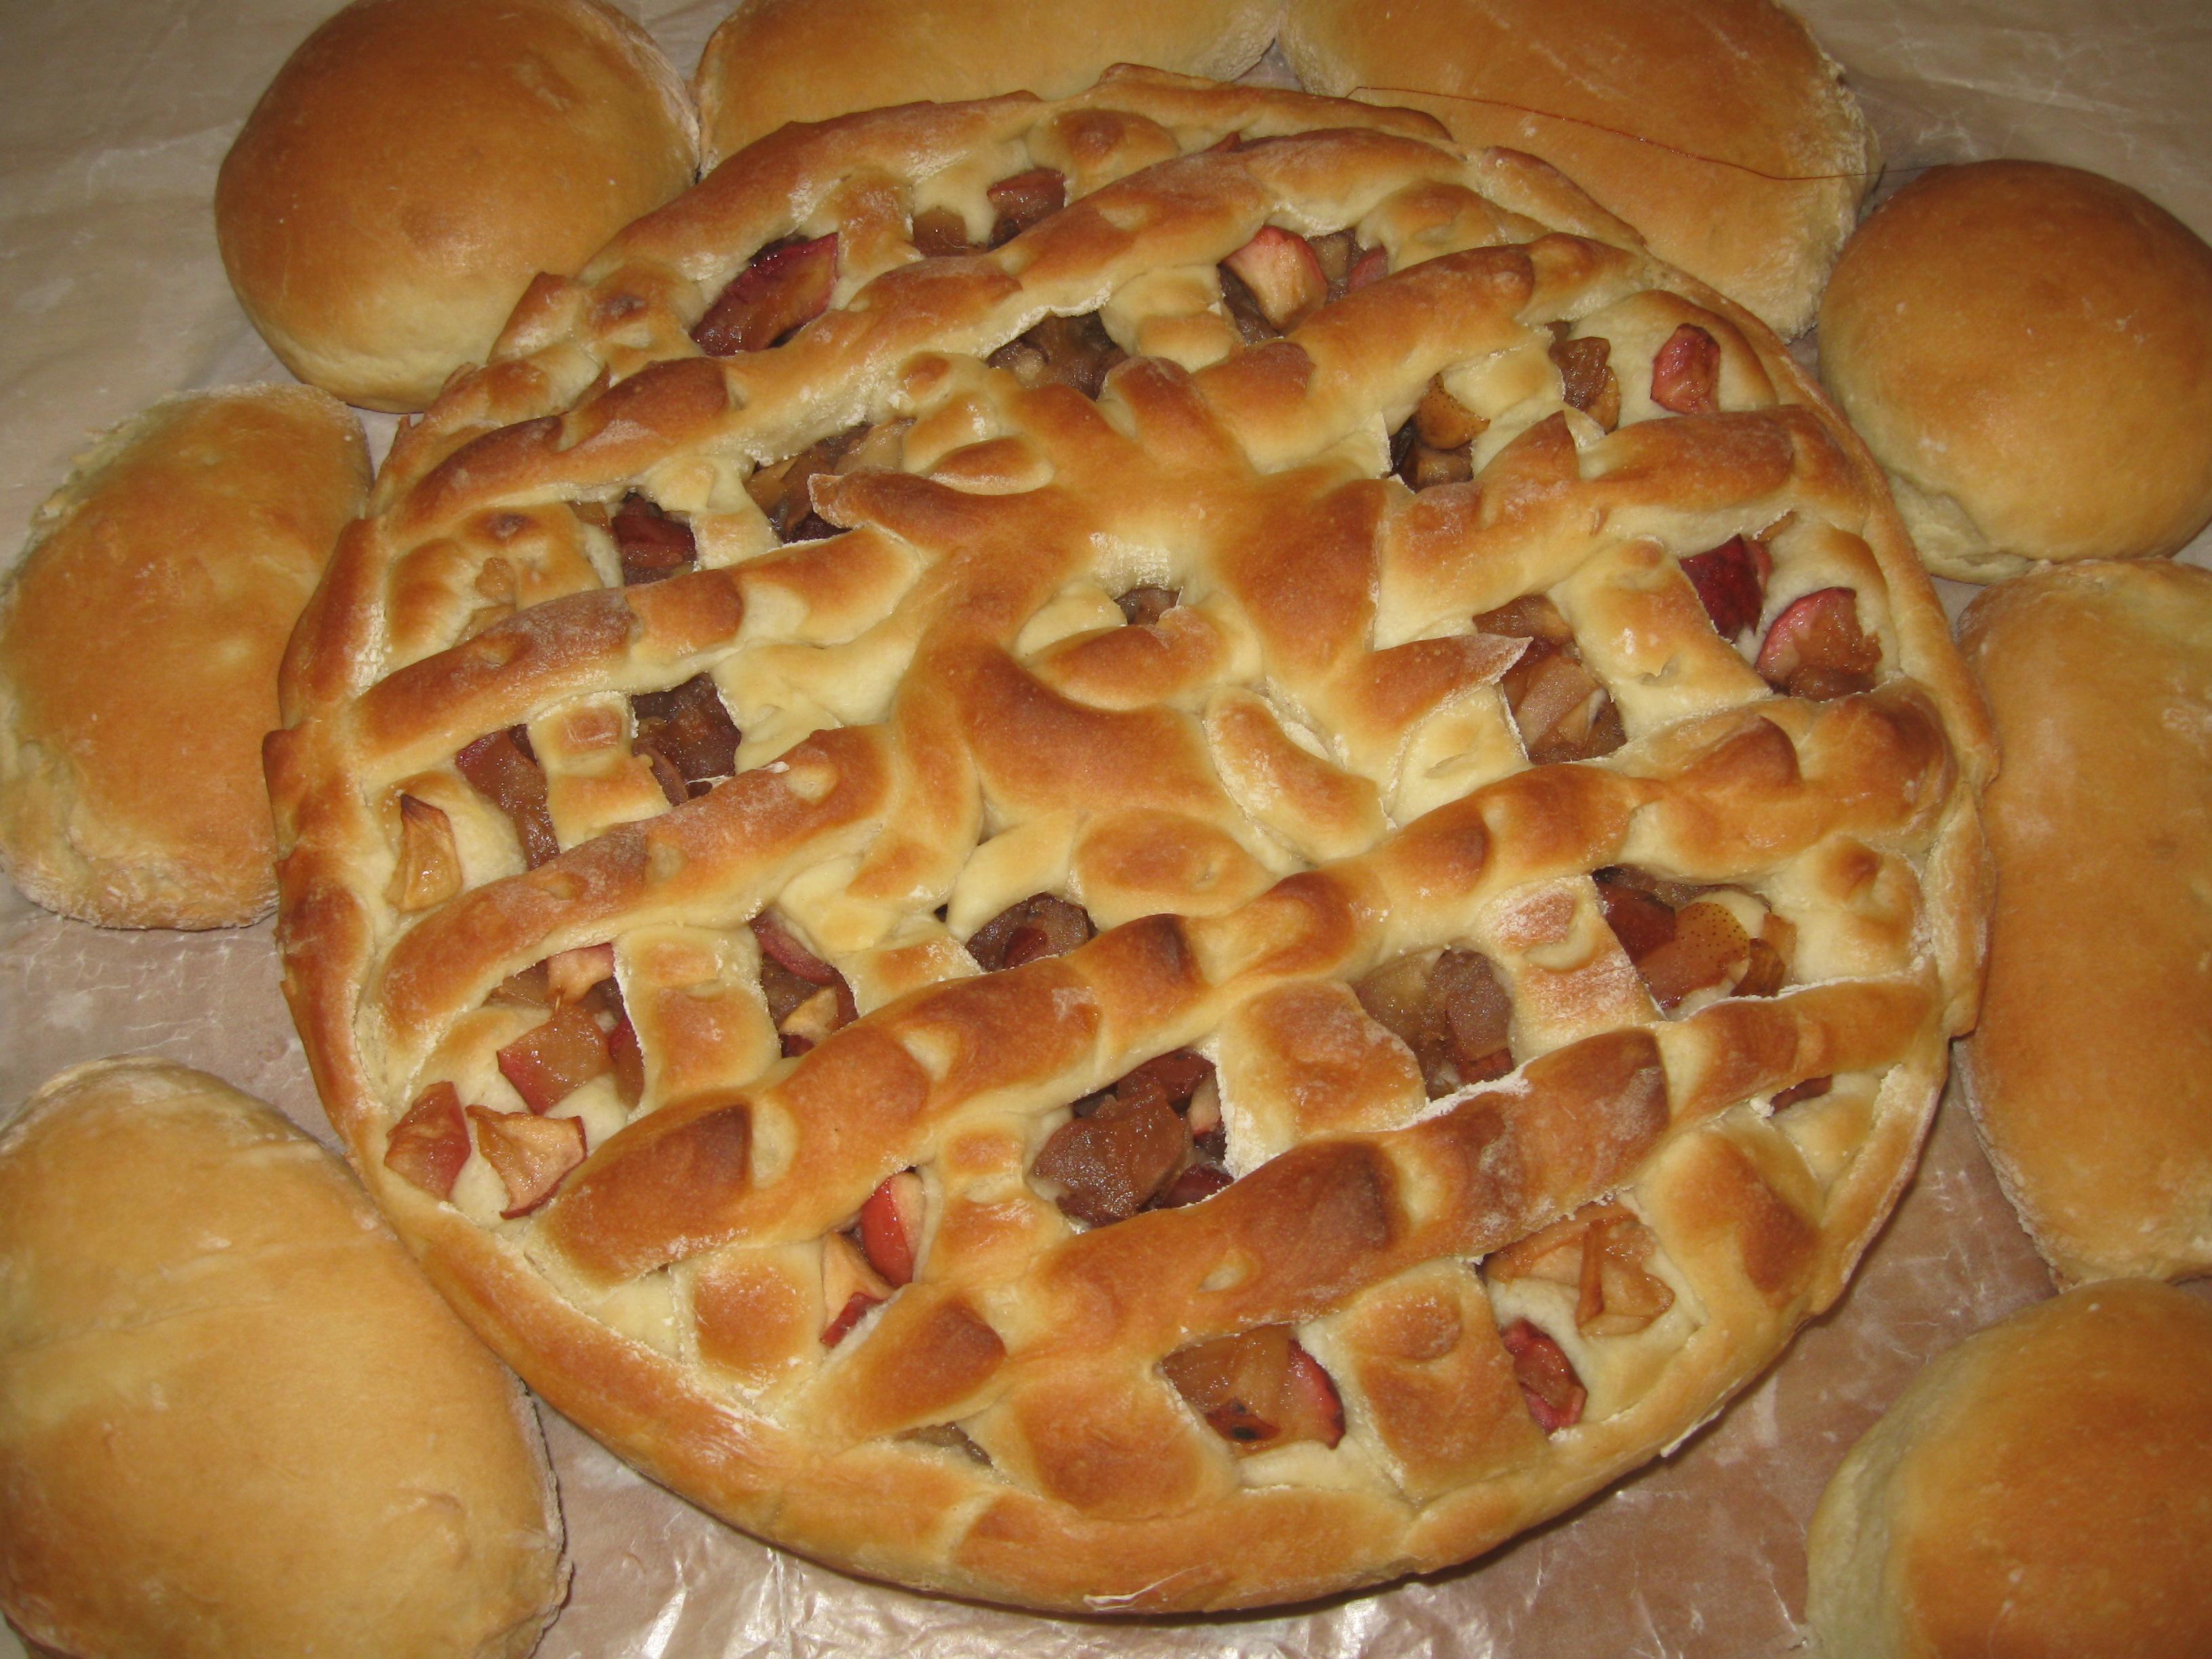 творожно-яблочные оладьи, рецепт приготовления